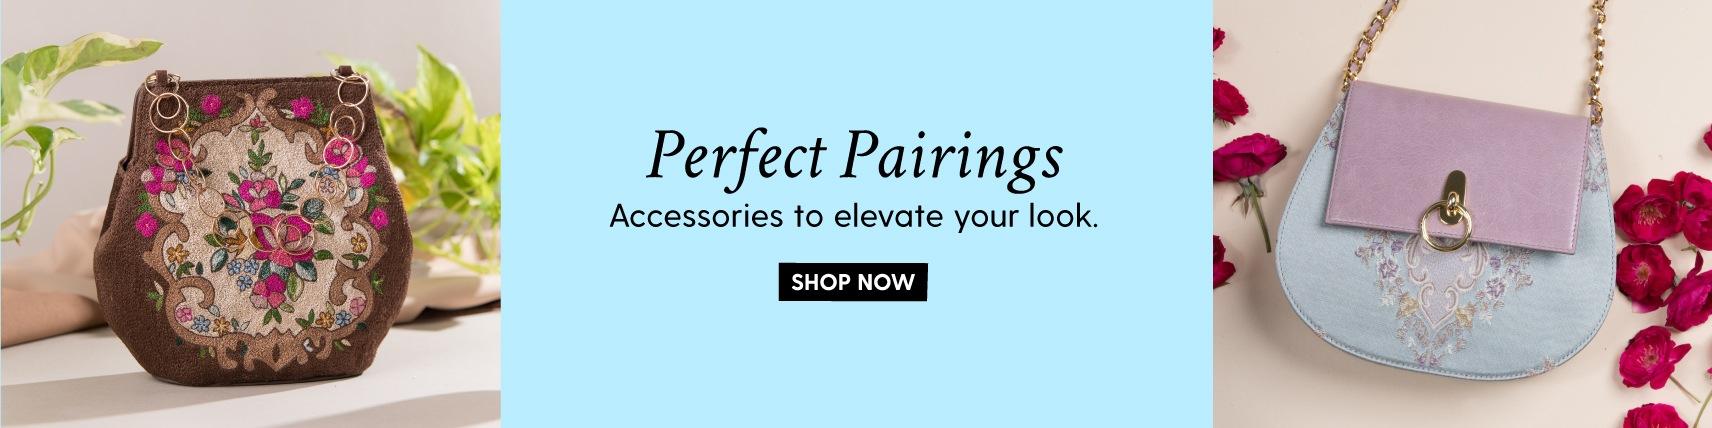 accessories?utm_source=LandingPage&utm_medium=Banner&utm_campaign=Accessories-NewArrivals